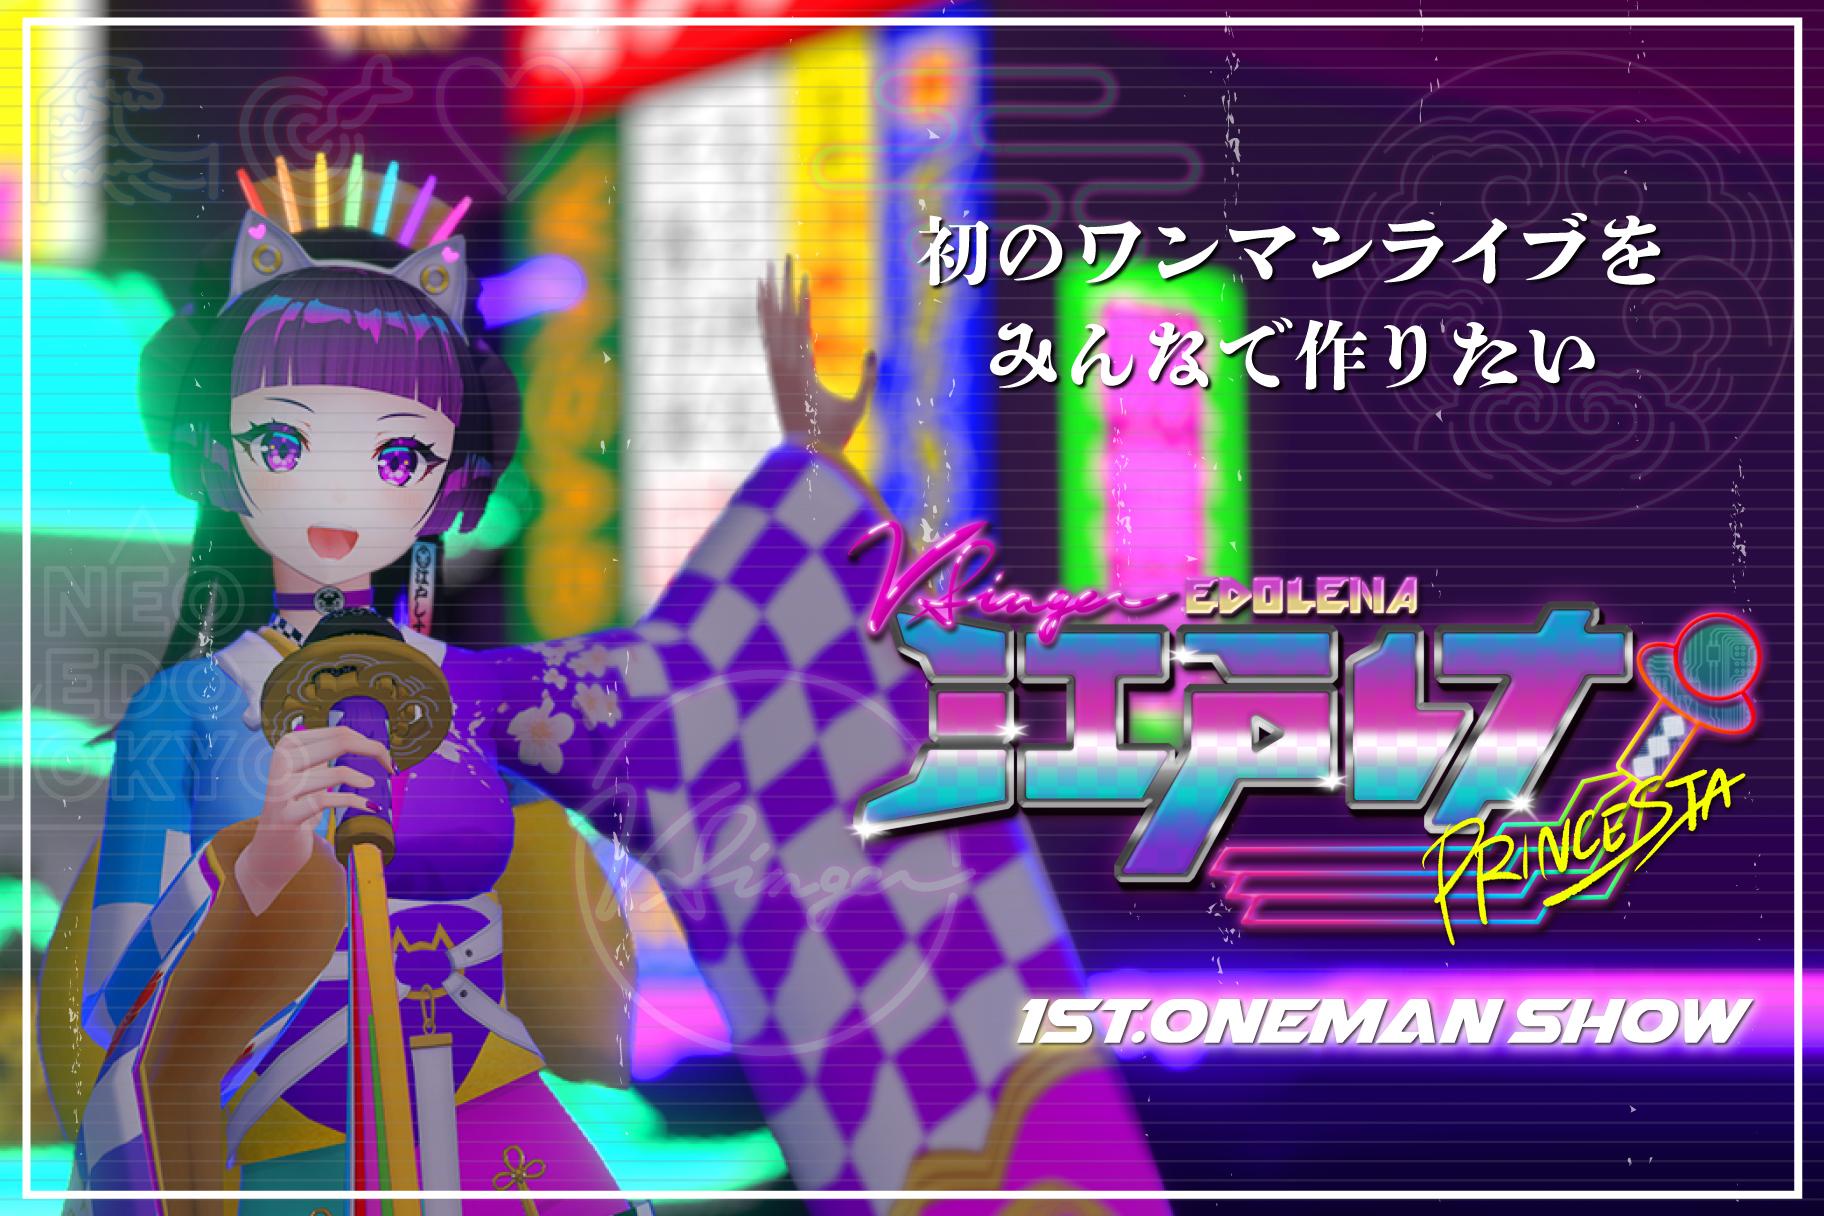 VSinger 江戸レナ 1st.ワンマンライブをみんなと一緒につくりたい!